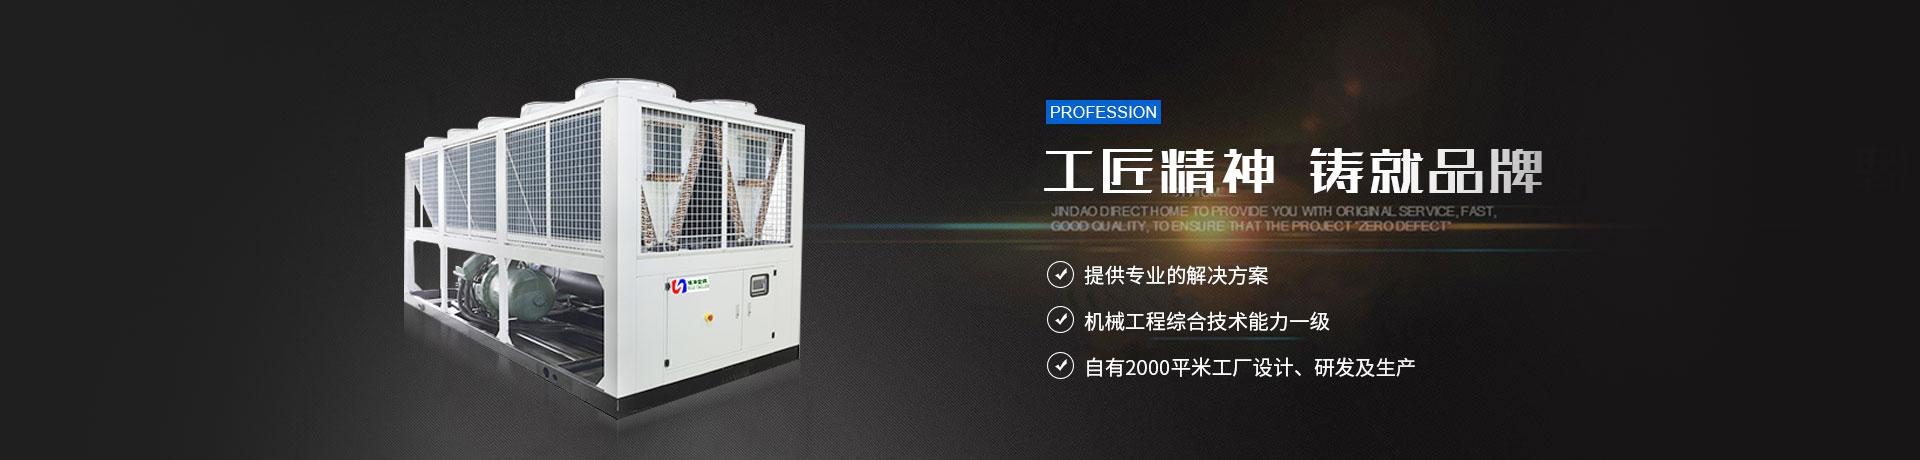 冰水機組,工業冷水機,螺桿冷水機,鹽水冷凍機,防爆冷水機 ,冰水機